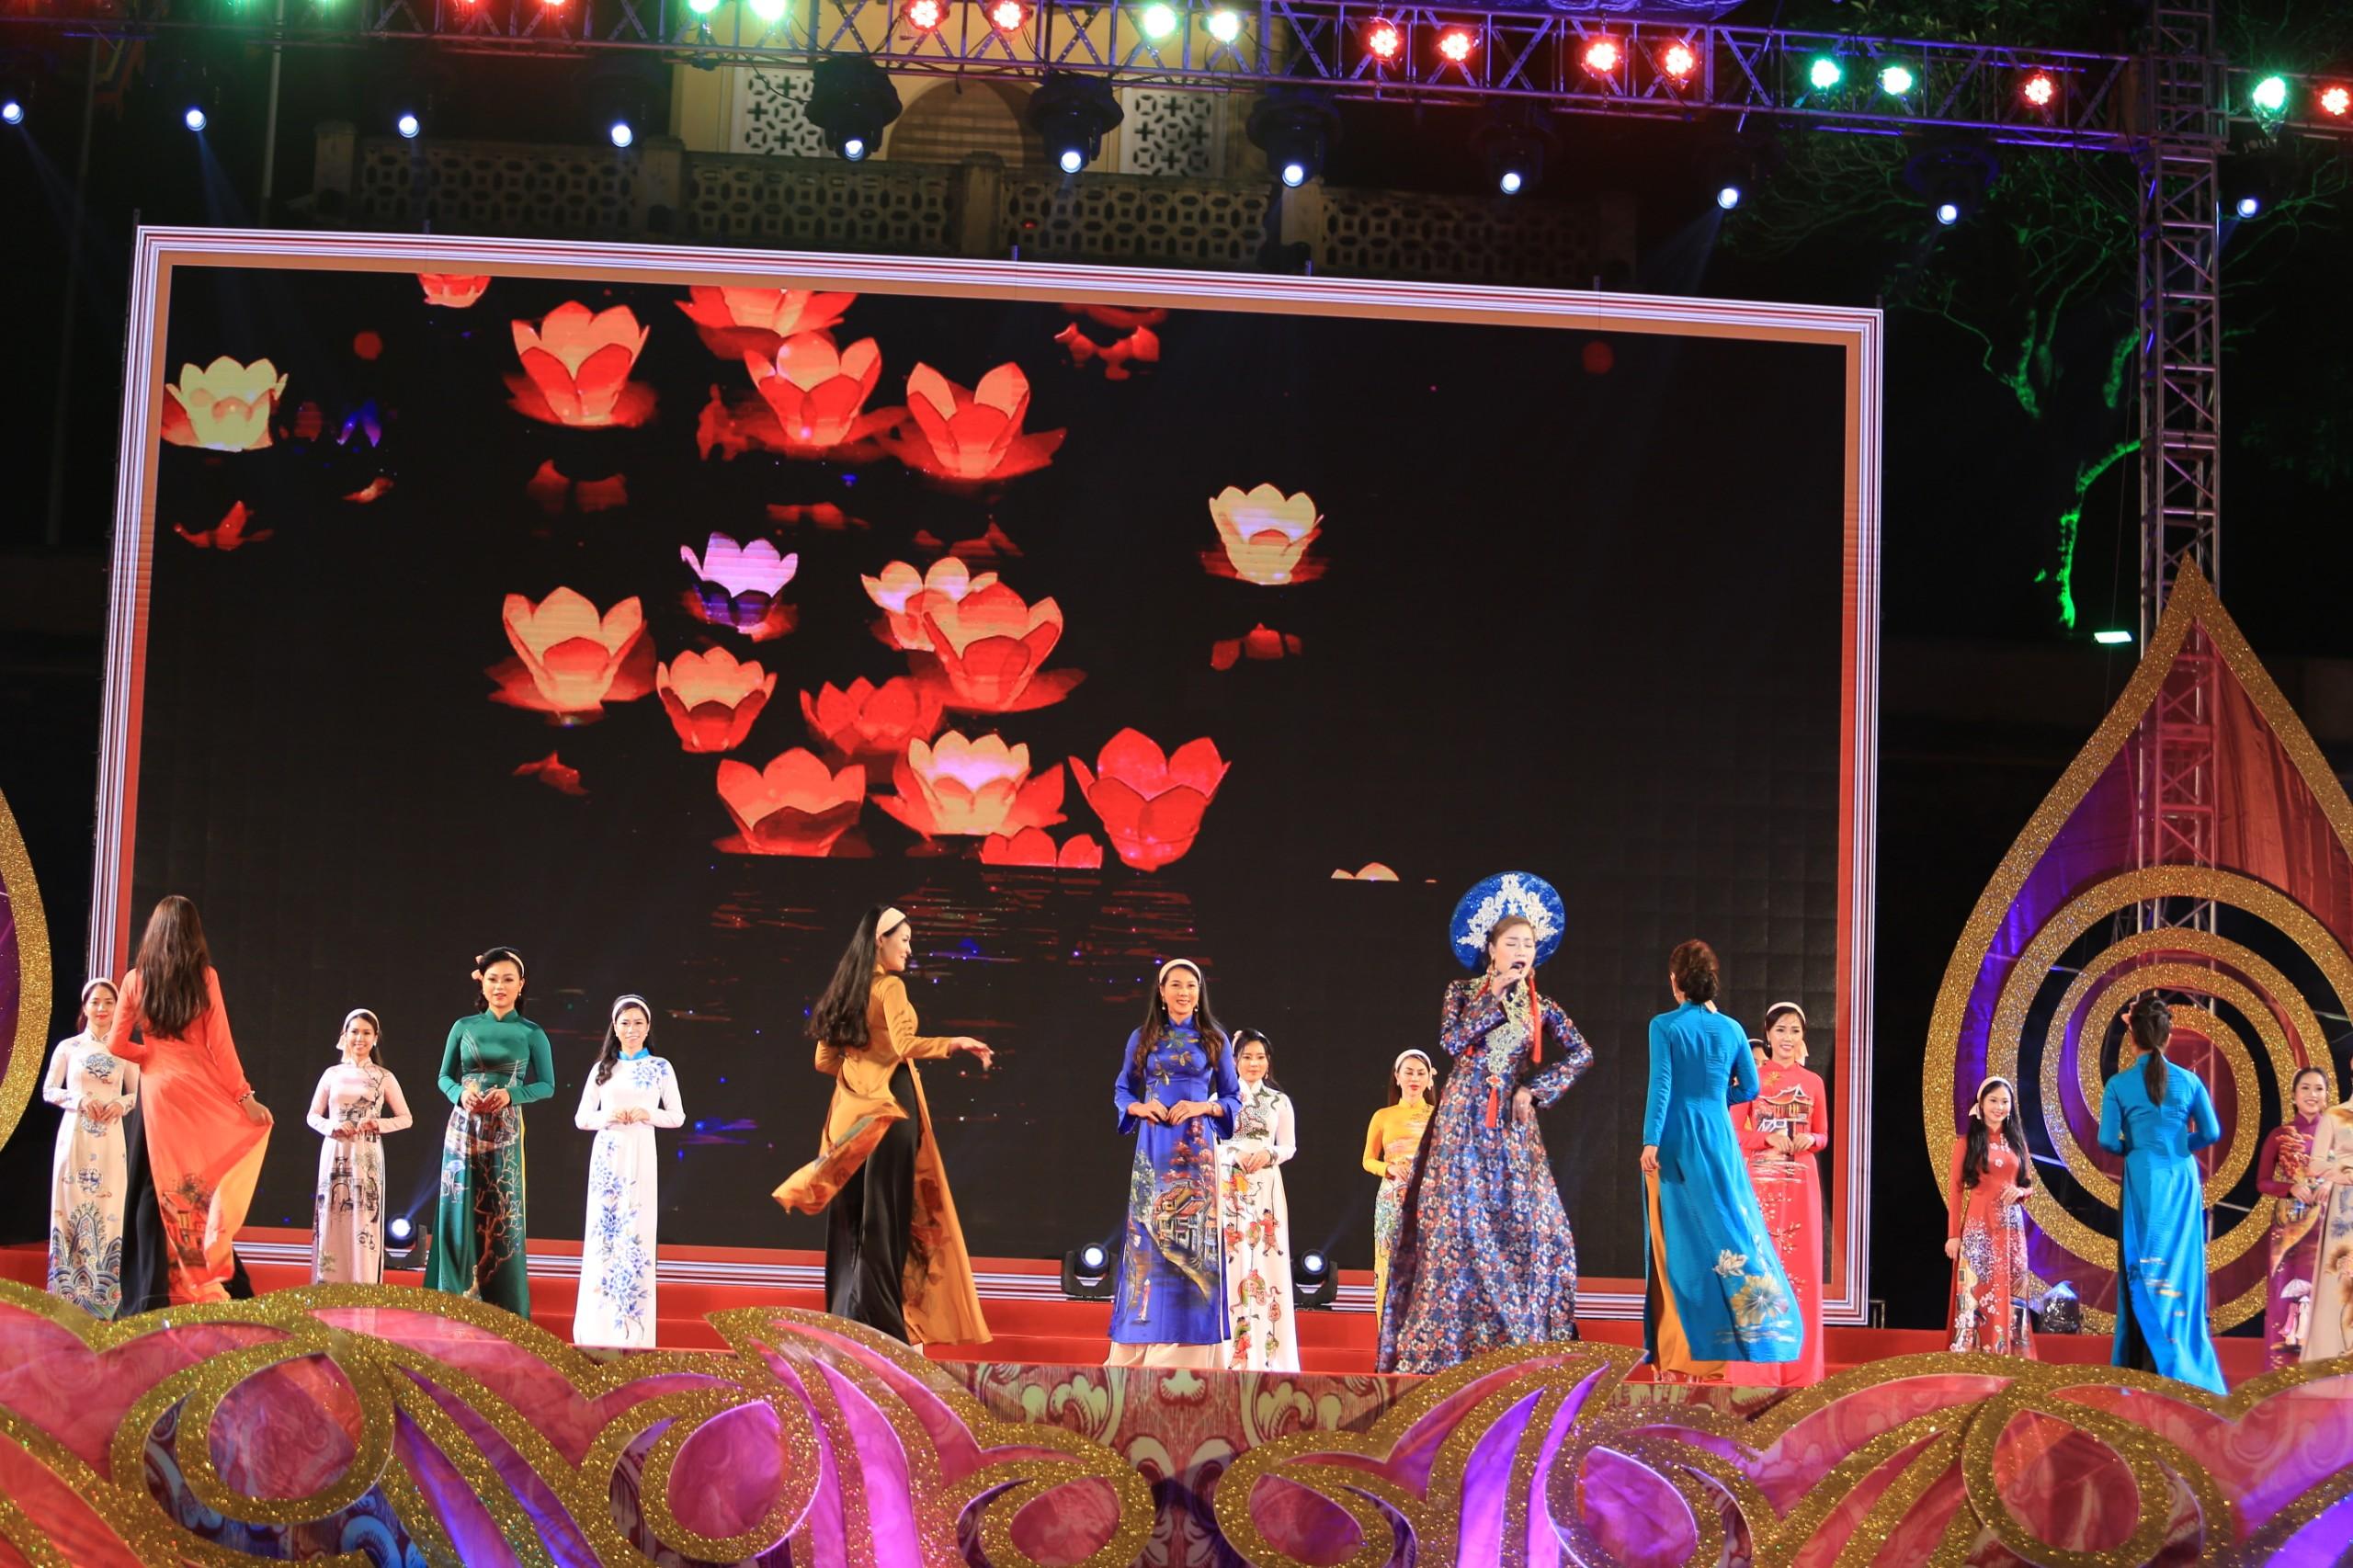 """Với mong muốn gìn giữ, phát huy văn hóa Việt Nam tiên tiến đậm đà bản sắc dân tộc, """"Festival Văn hóa truyền thống Việt và giao lưu quốc tế 2019"""" là một điểm sáng trong các hoạt động văn hóa nổi bật của Thủ đô trong tháng 4 này."""